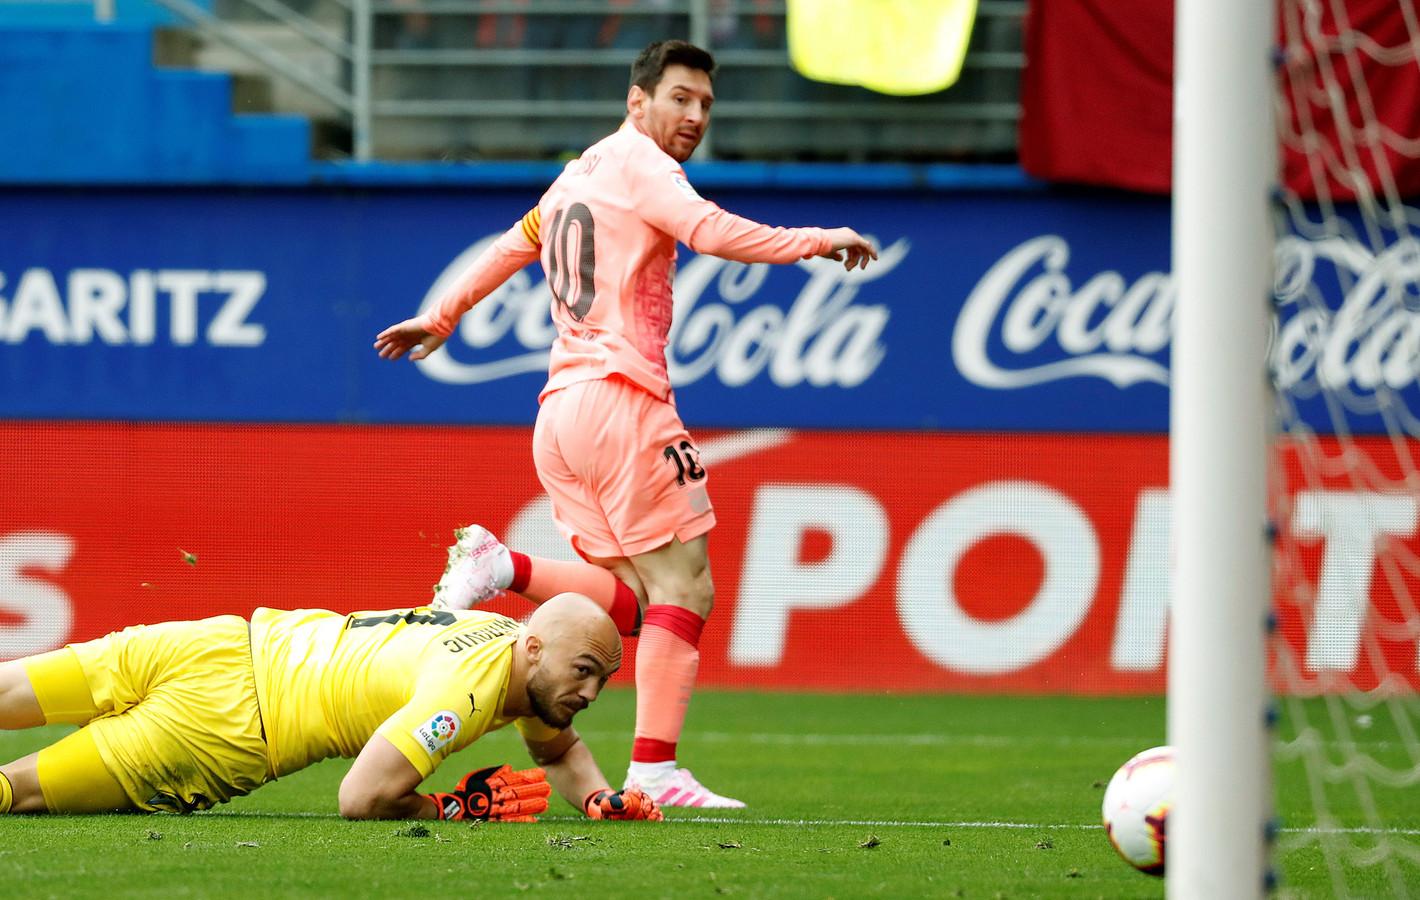 Lionel Messi, incontestable meilleur buteur de la Liga avec 36 buts.